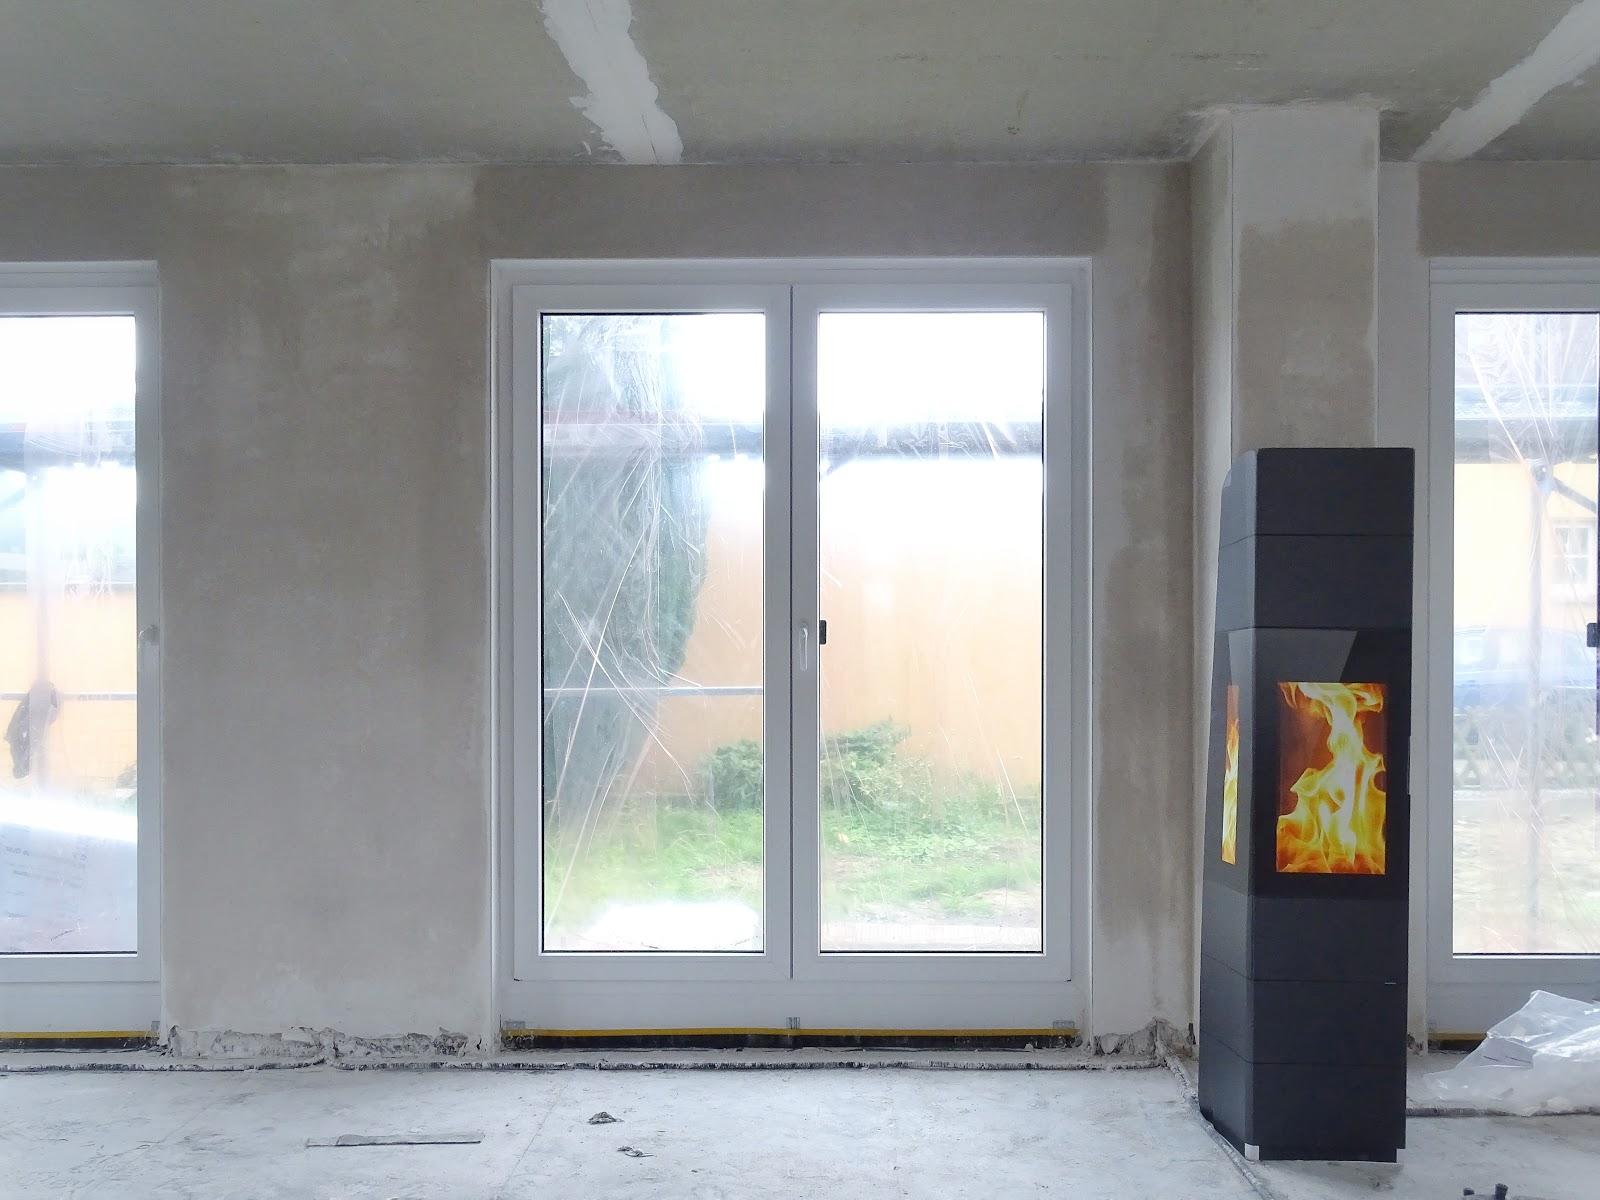 Haus Umbauen Vorher Nachher haus vorher nachher auf einen blick sanierung mit with haus